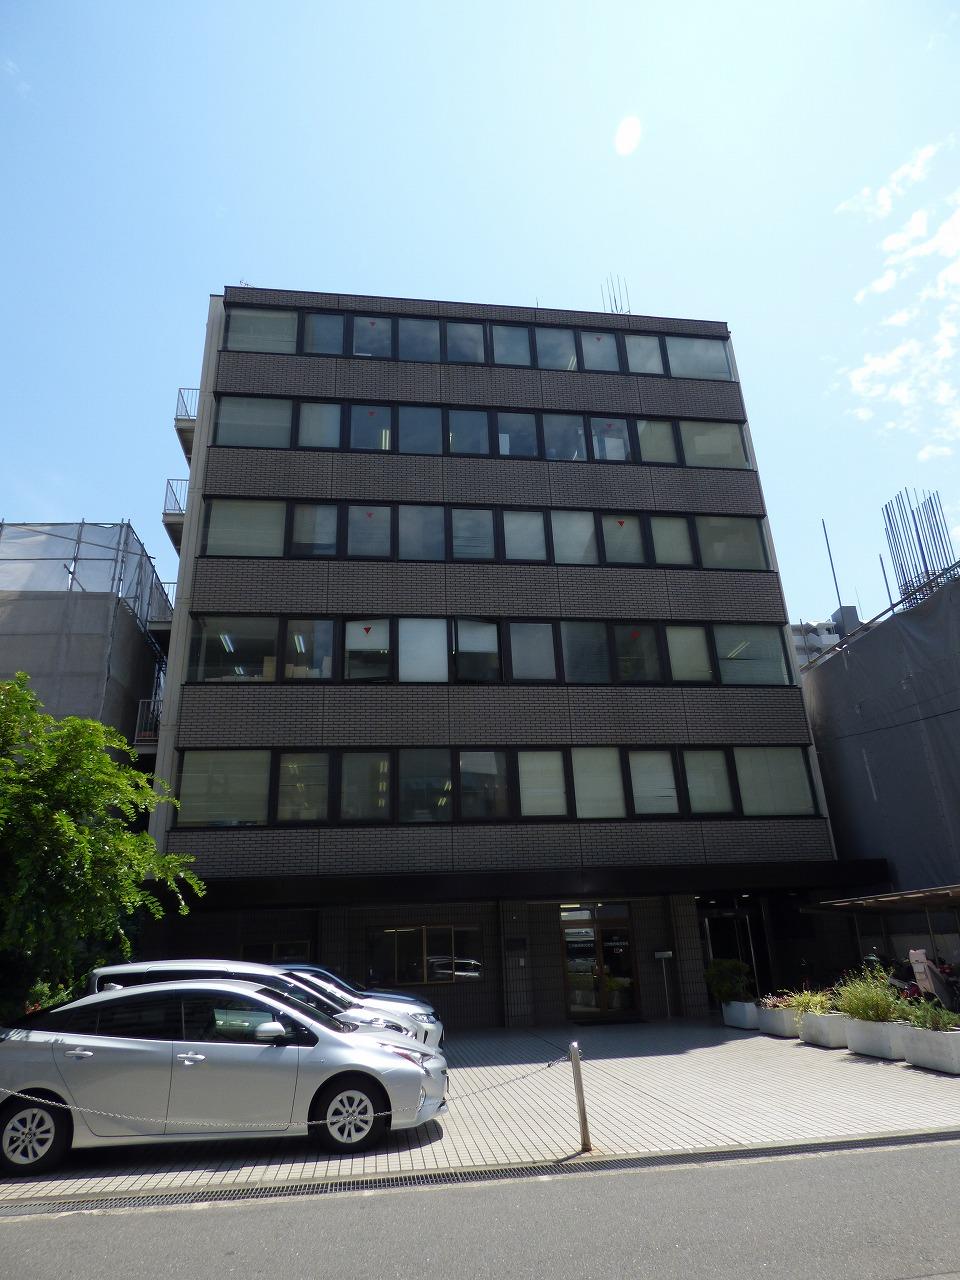 【吹田市広芝町】スタートアップ企業に最適なコンパクトなオフィス!